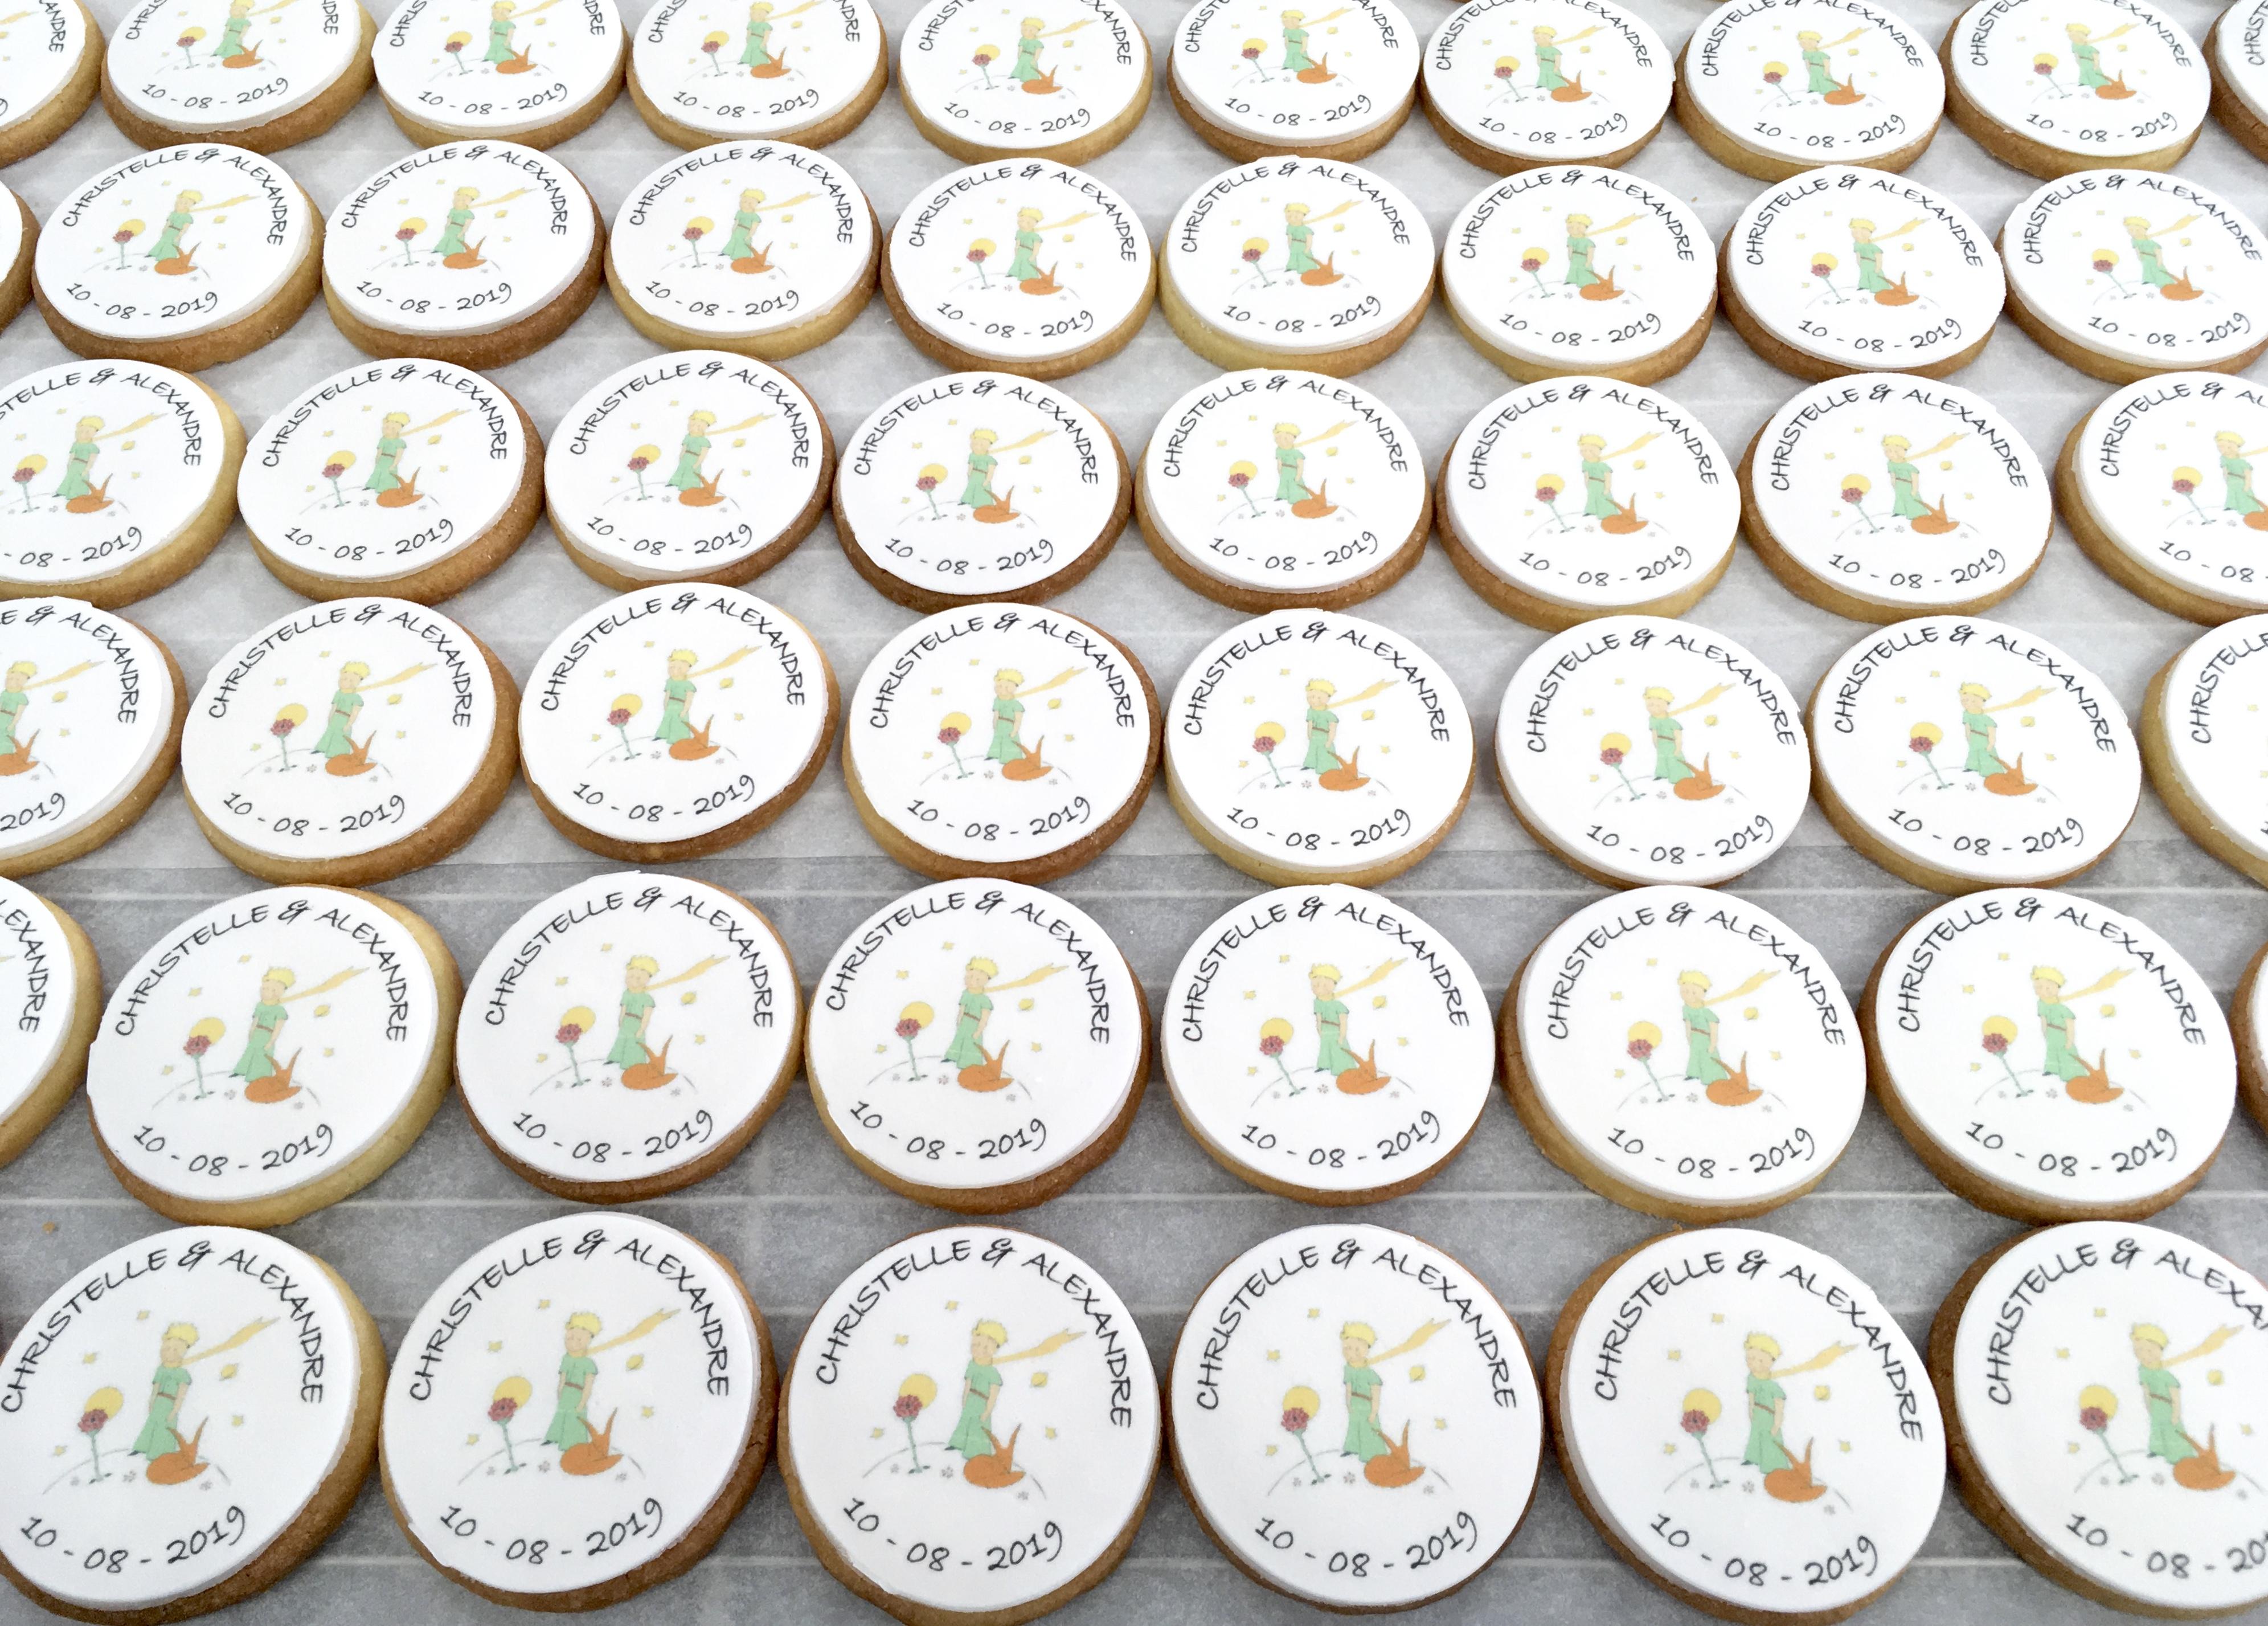 Gâteaux individuels personnalisés Mariage - Sablés décorés Impression alimentaire Le Petit Prince